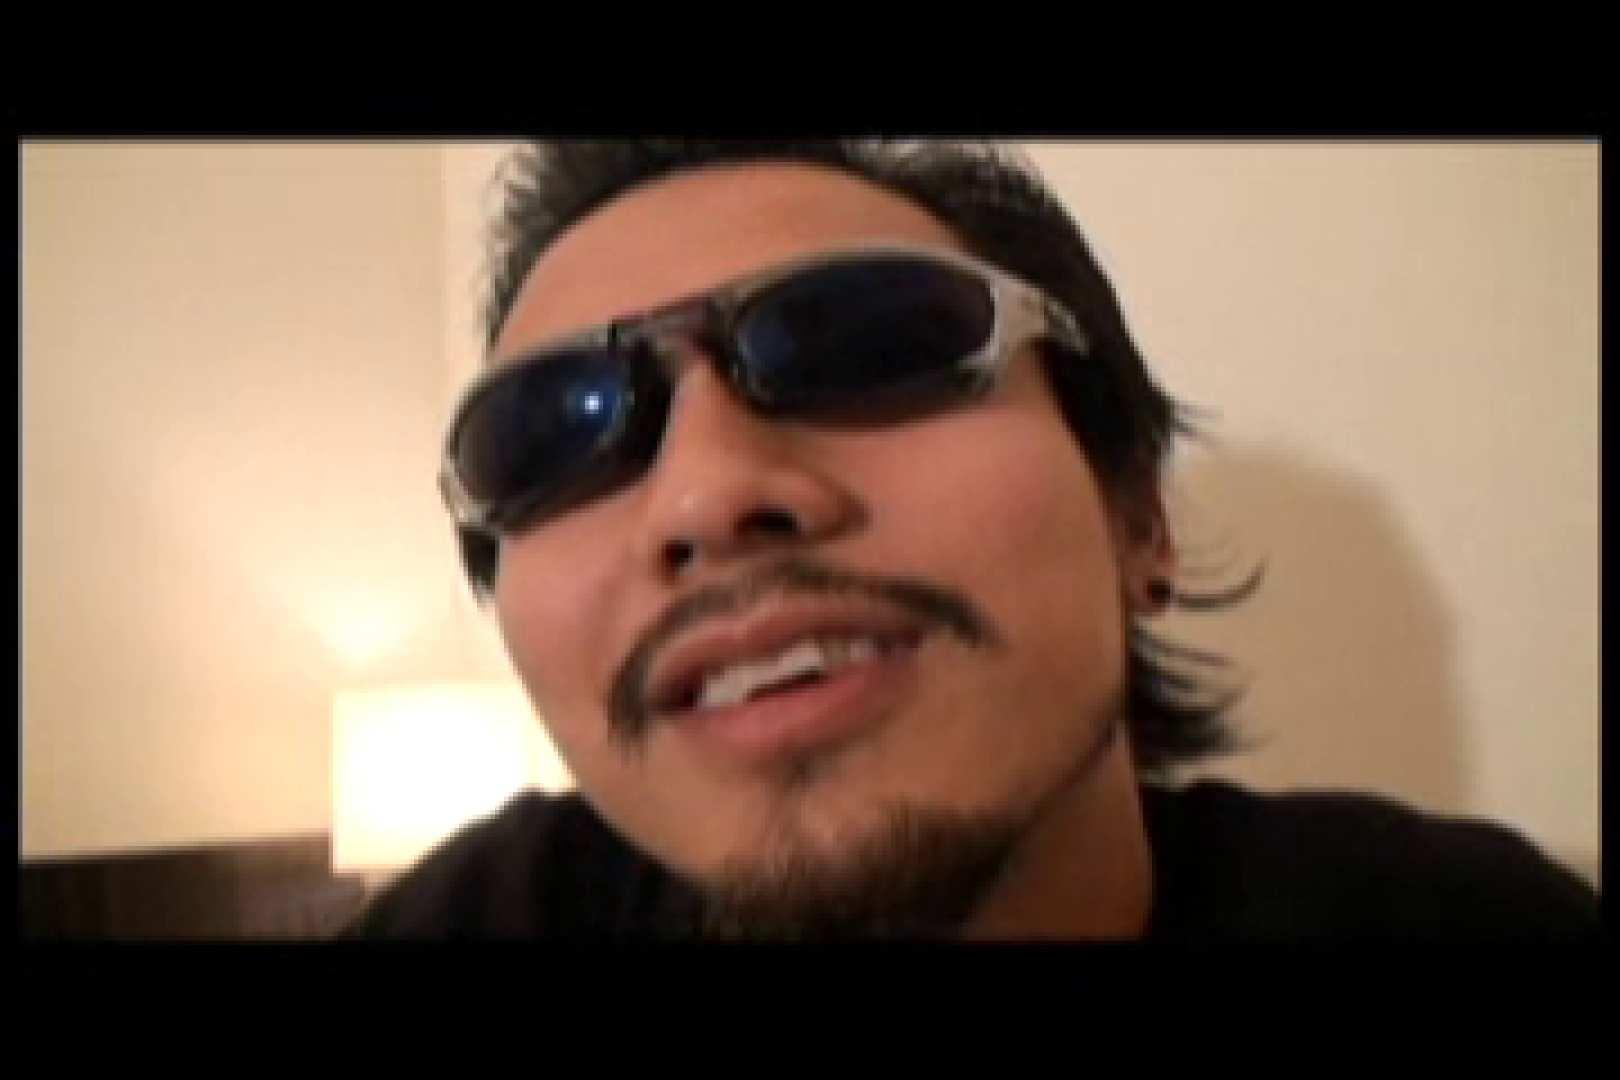 スジ筋ガチムチゴーグルマンvol3 メンズのチンコ ゲイアダルトビデオ画像 66画像 20